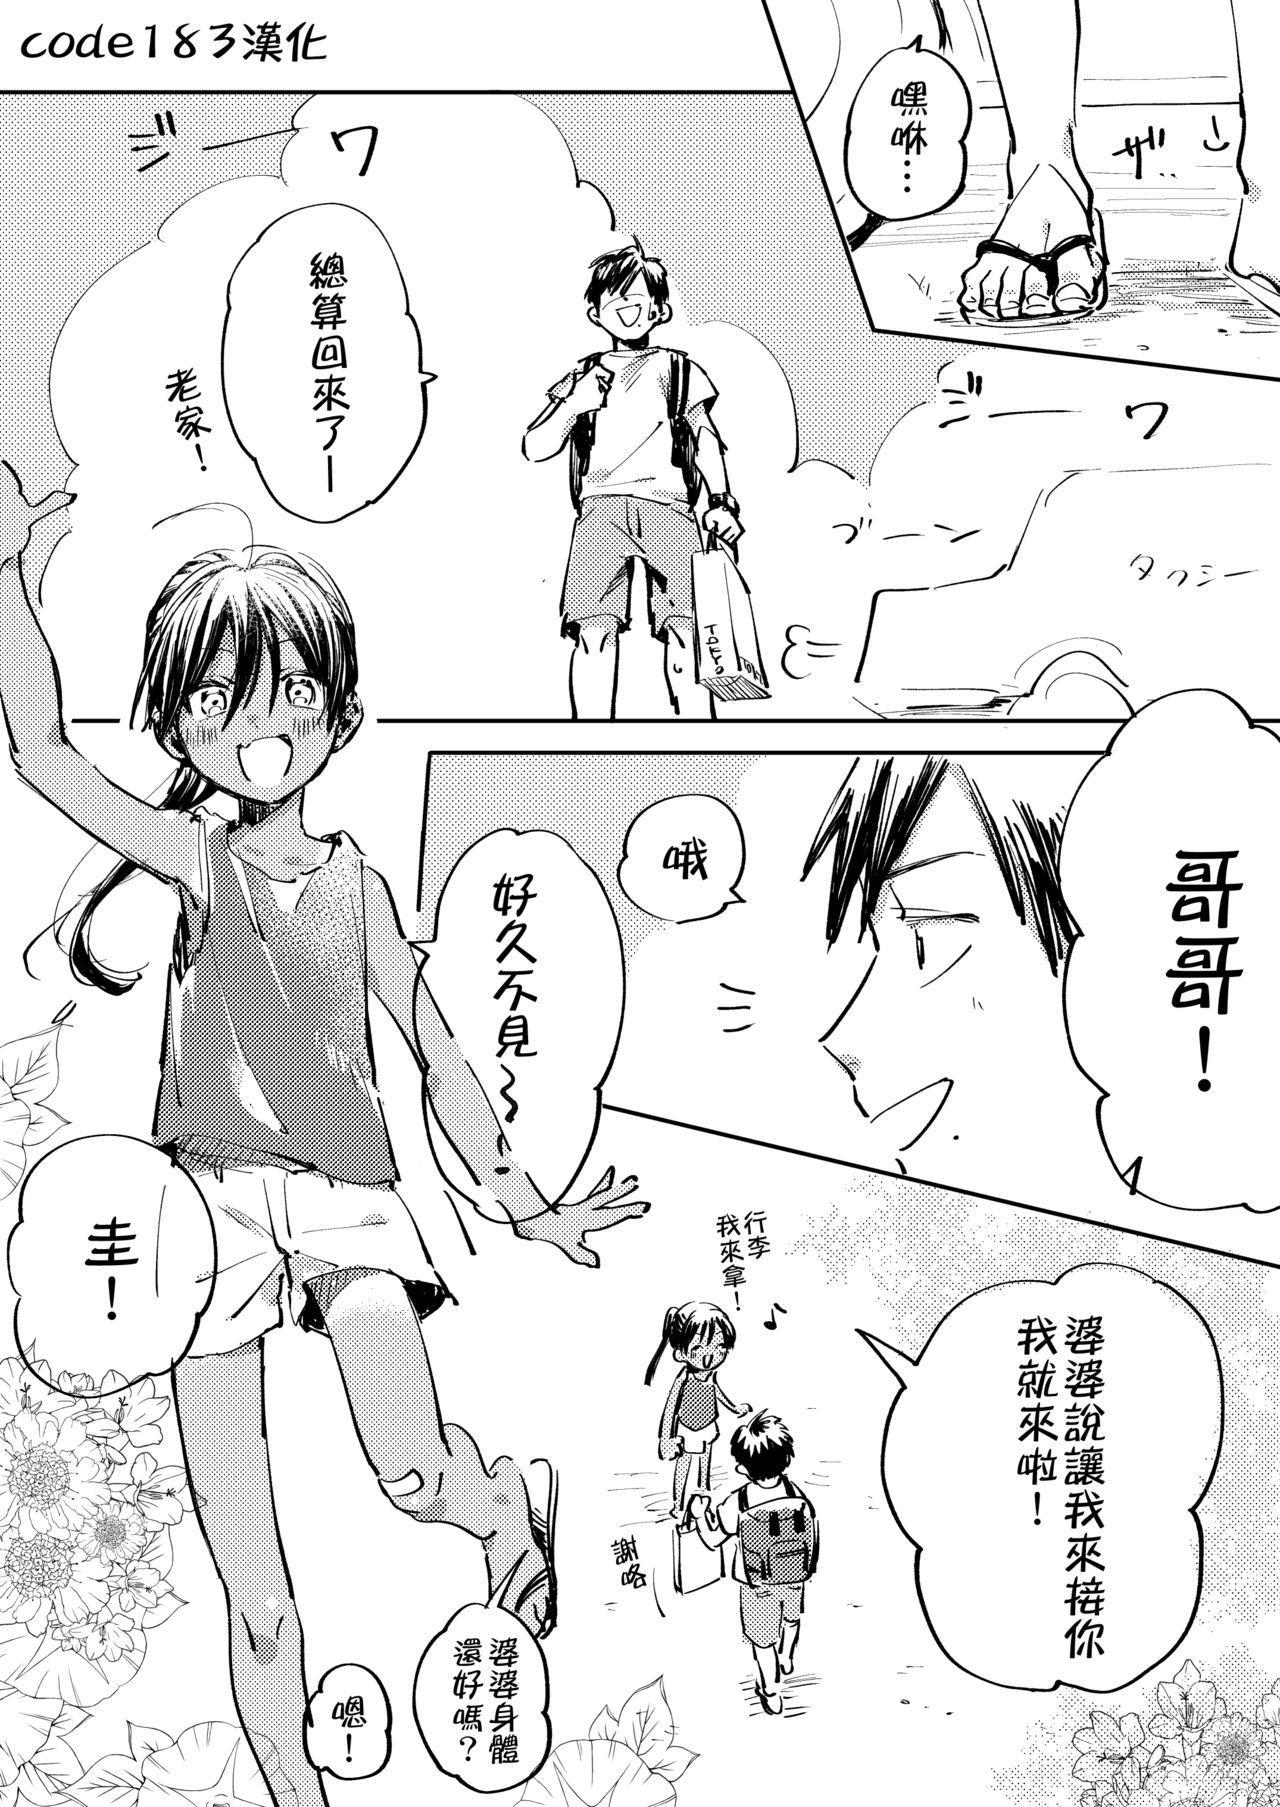 Inaka ni Kaeru to Yakeni Jiben ni Natsuita Kasshoku Ponytail Shota ga Iru 0